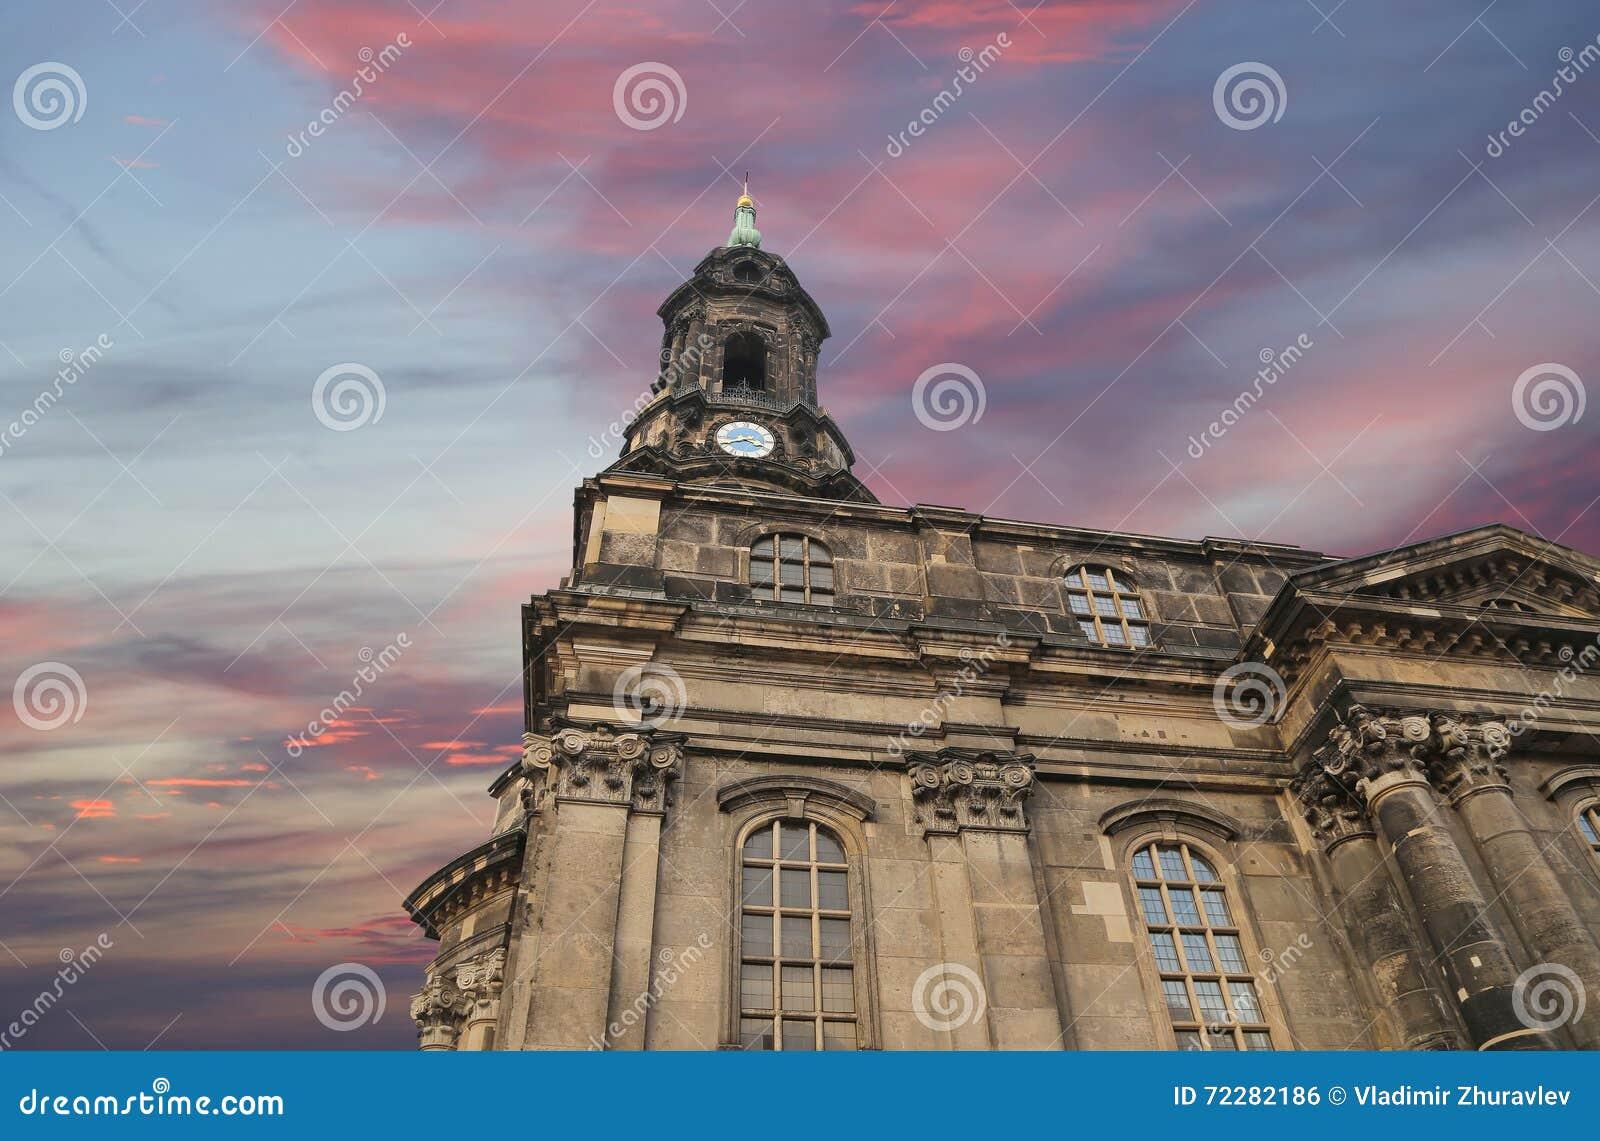 Download Hofkirche или собор святейшей троицы - барочной церков в Дрезден, Sachsen, Германии Стоковое Фото - изображение насчитывающей шариков, святейше: 72282186